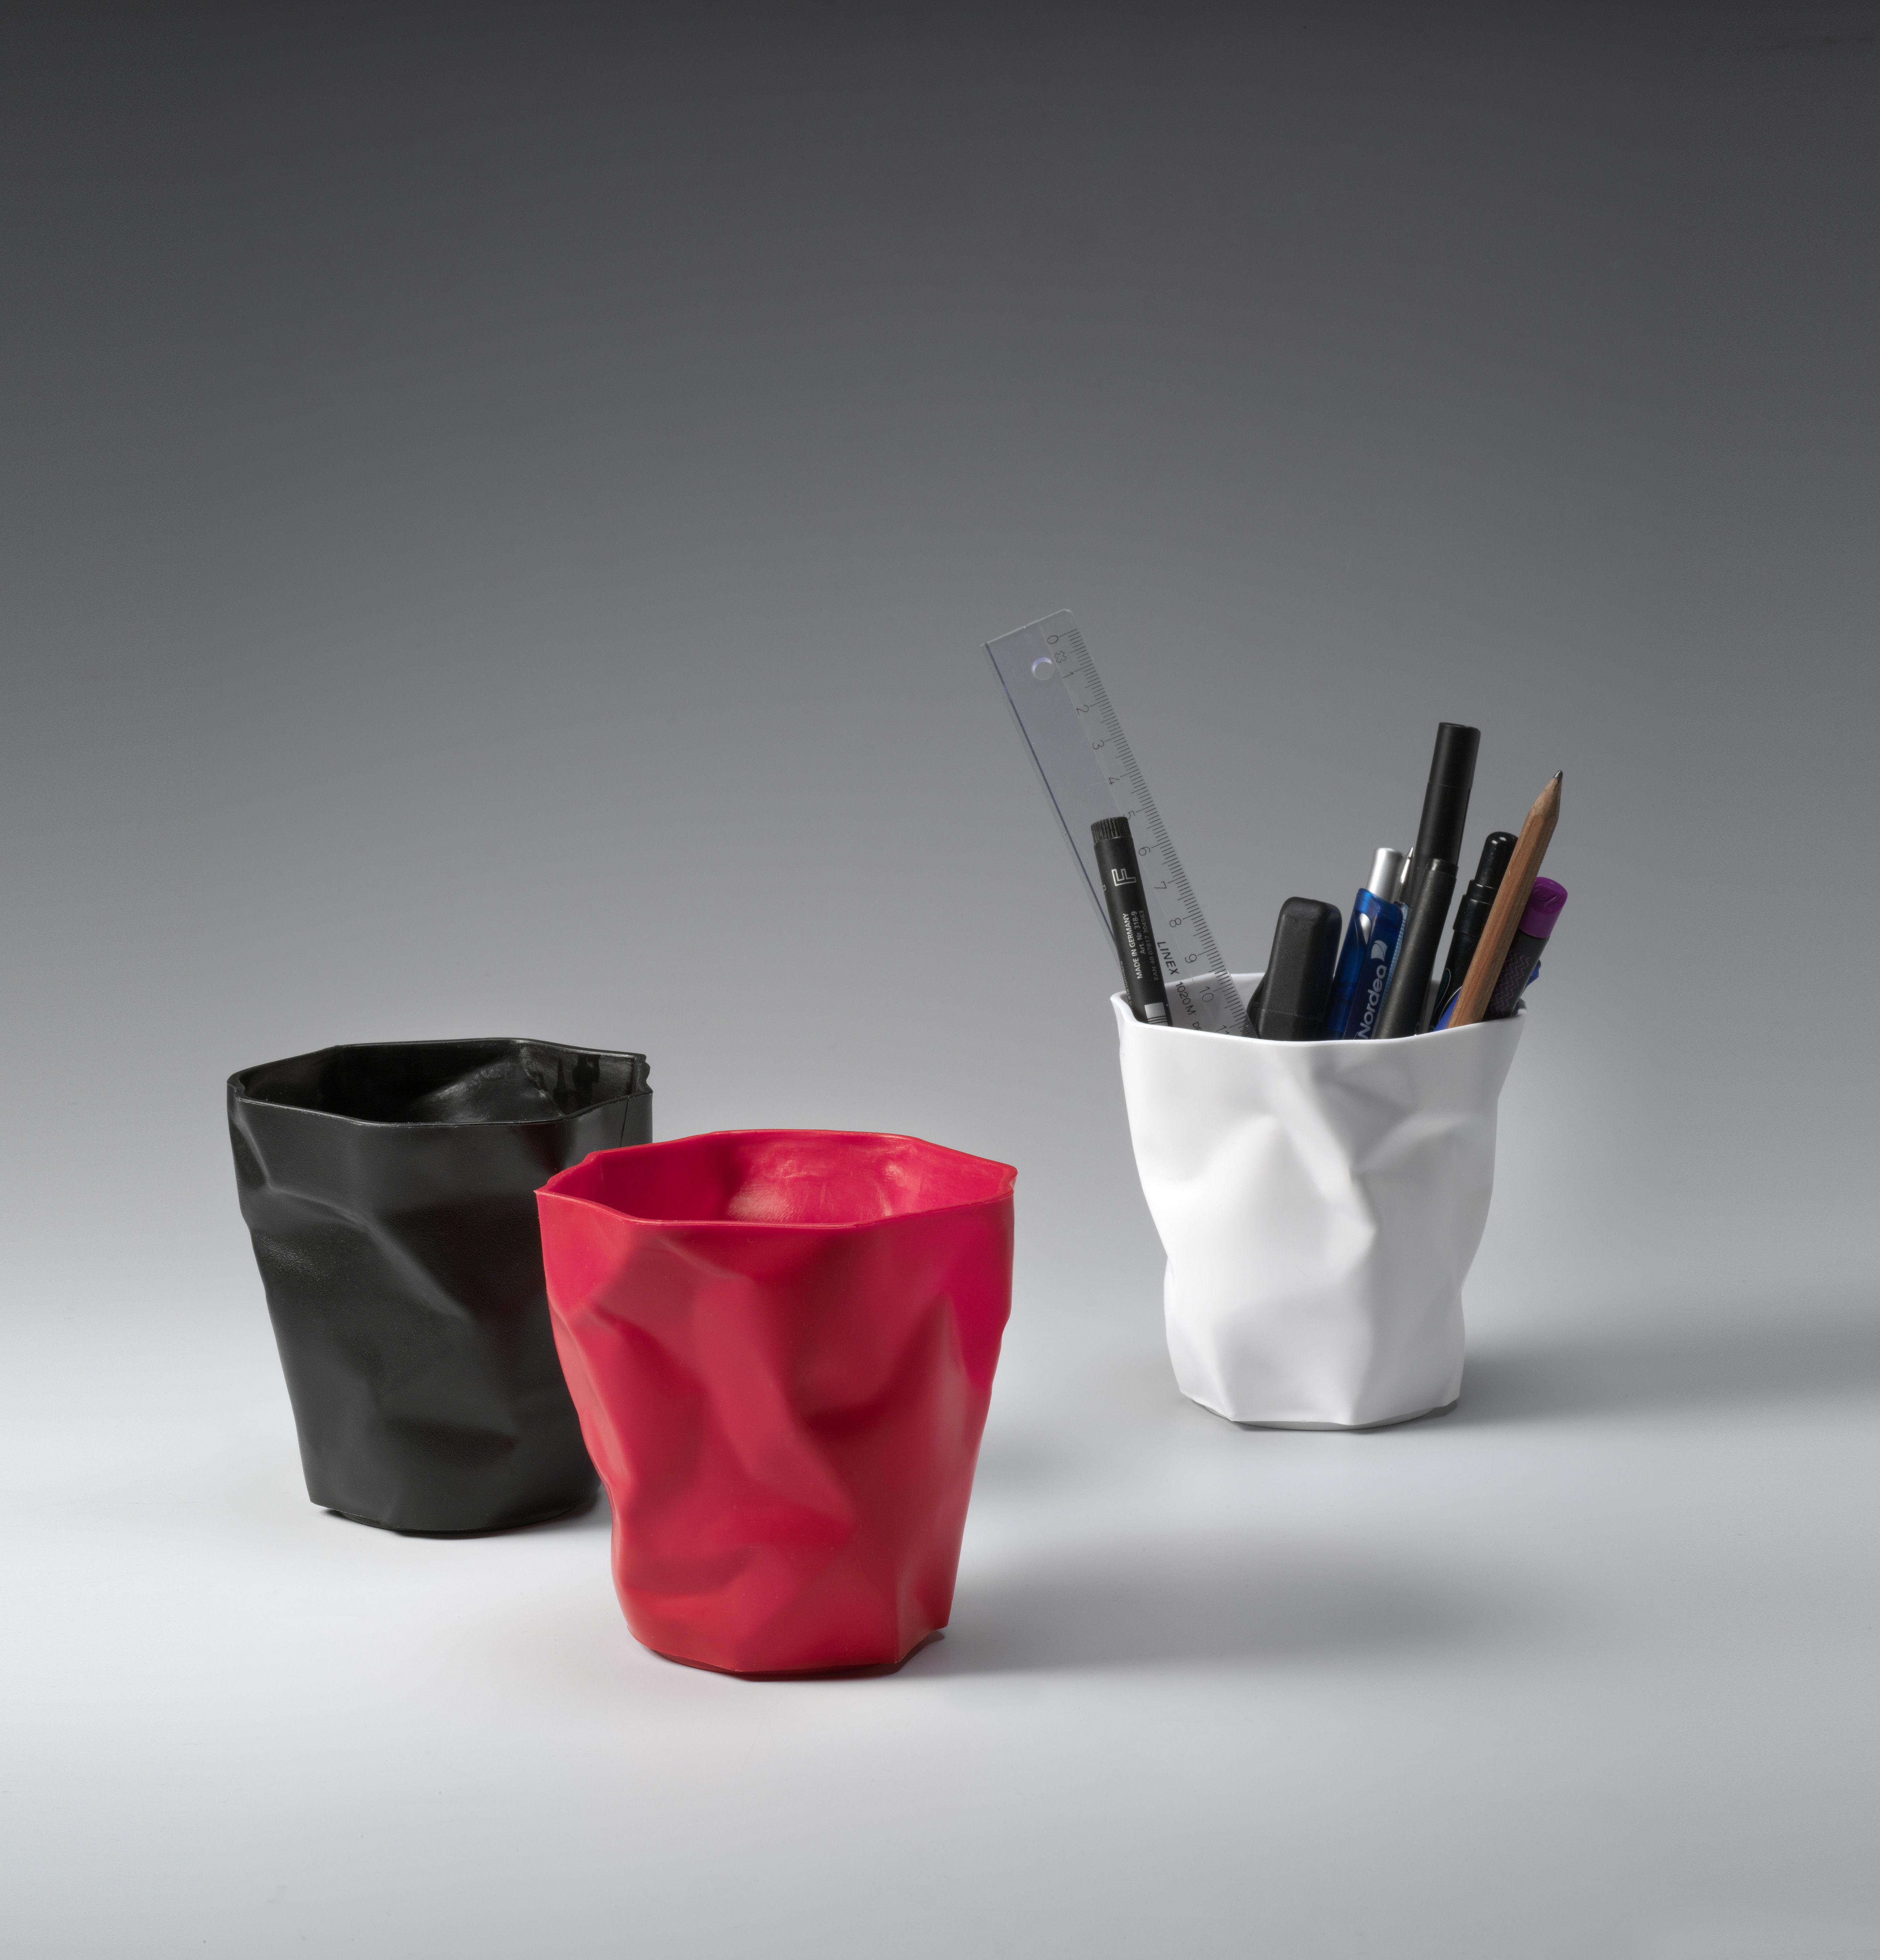 pot crayons pen pen rouge essey made in design. Black Bedroom Furniture Sets. Home Design Ideas